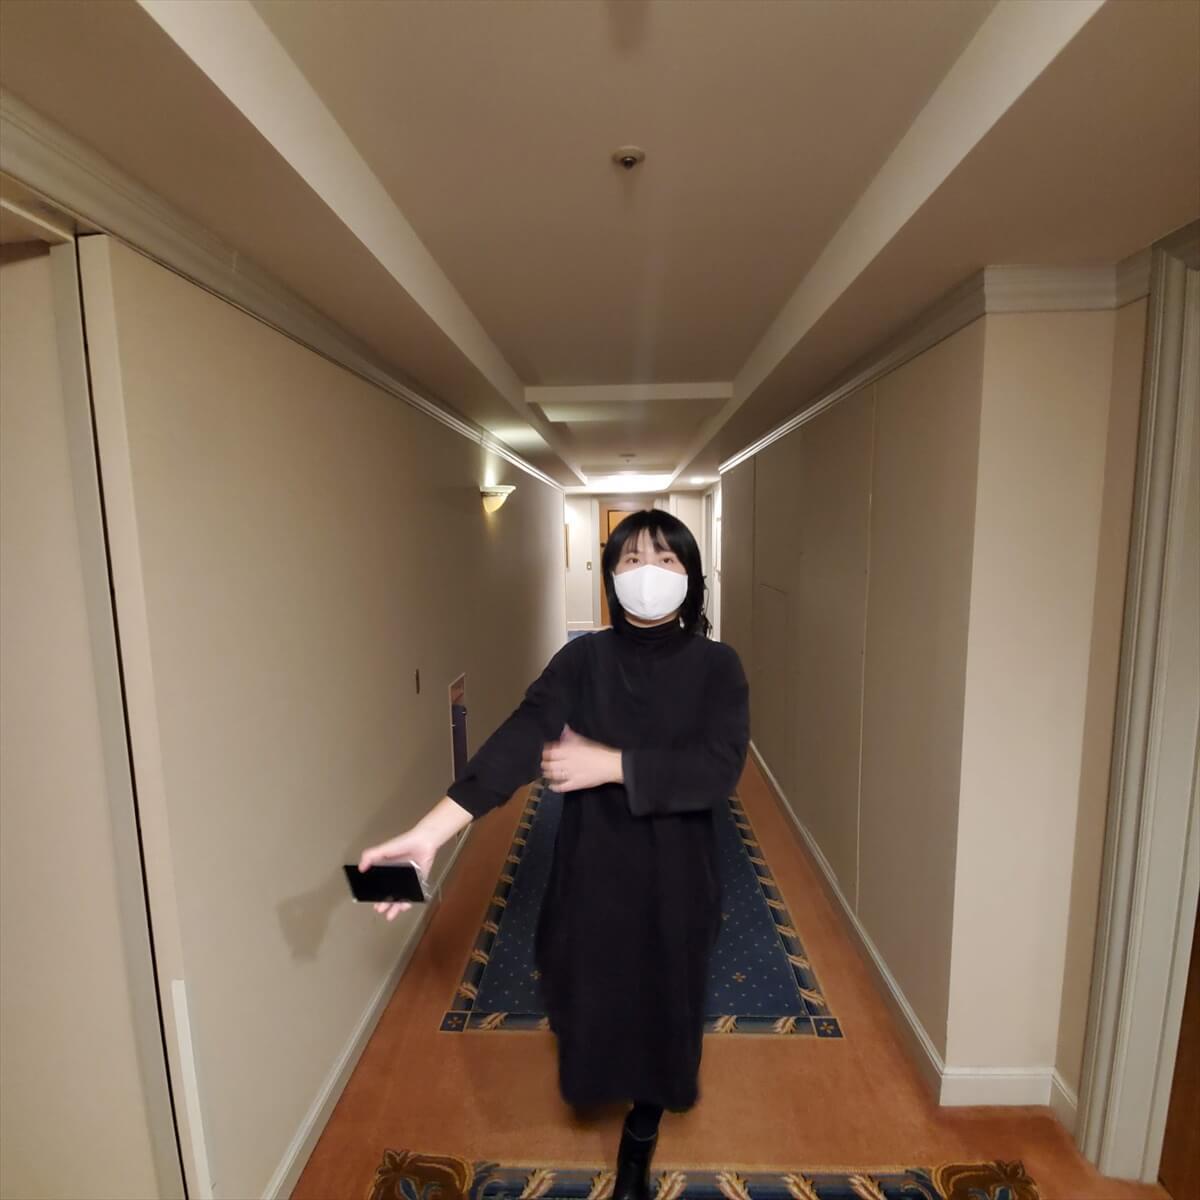 ウェスティンホテル東京の廊下を歩くりっちゃん